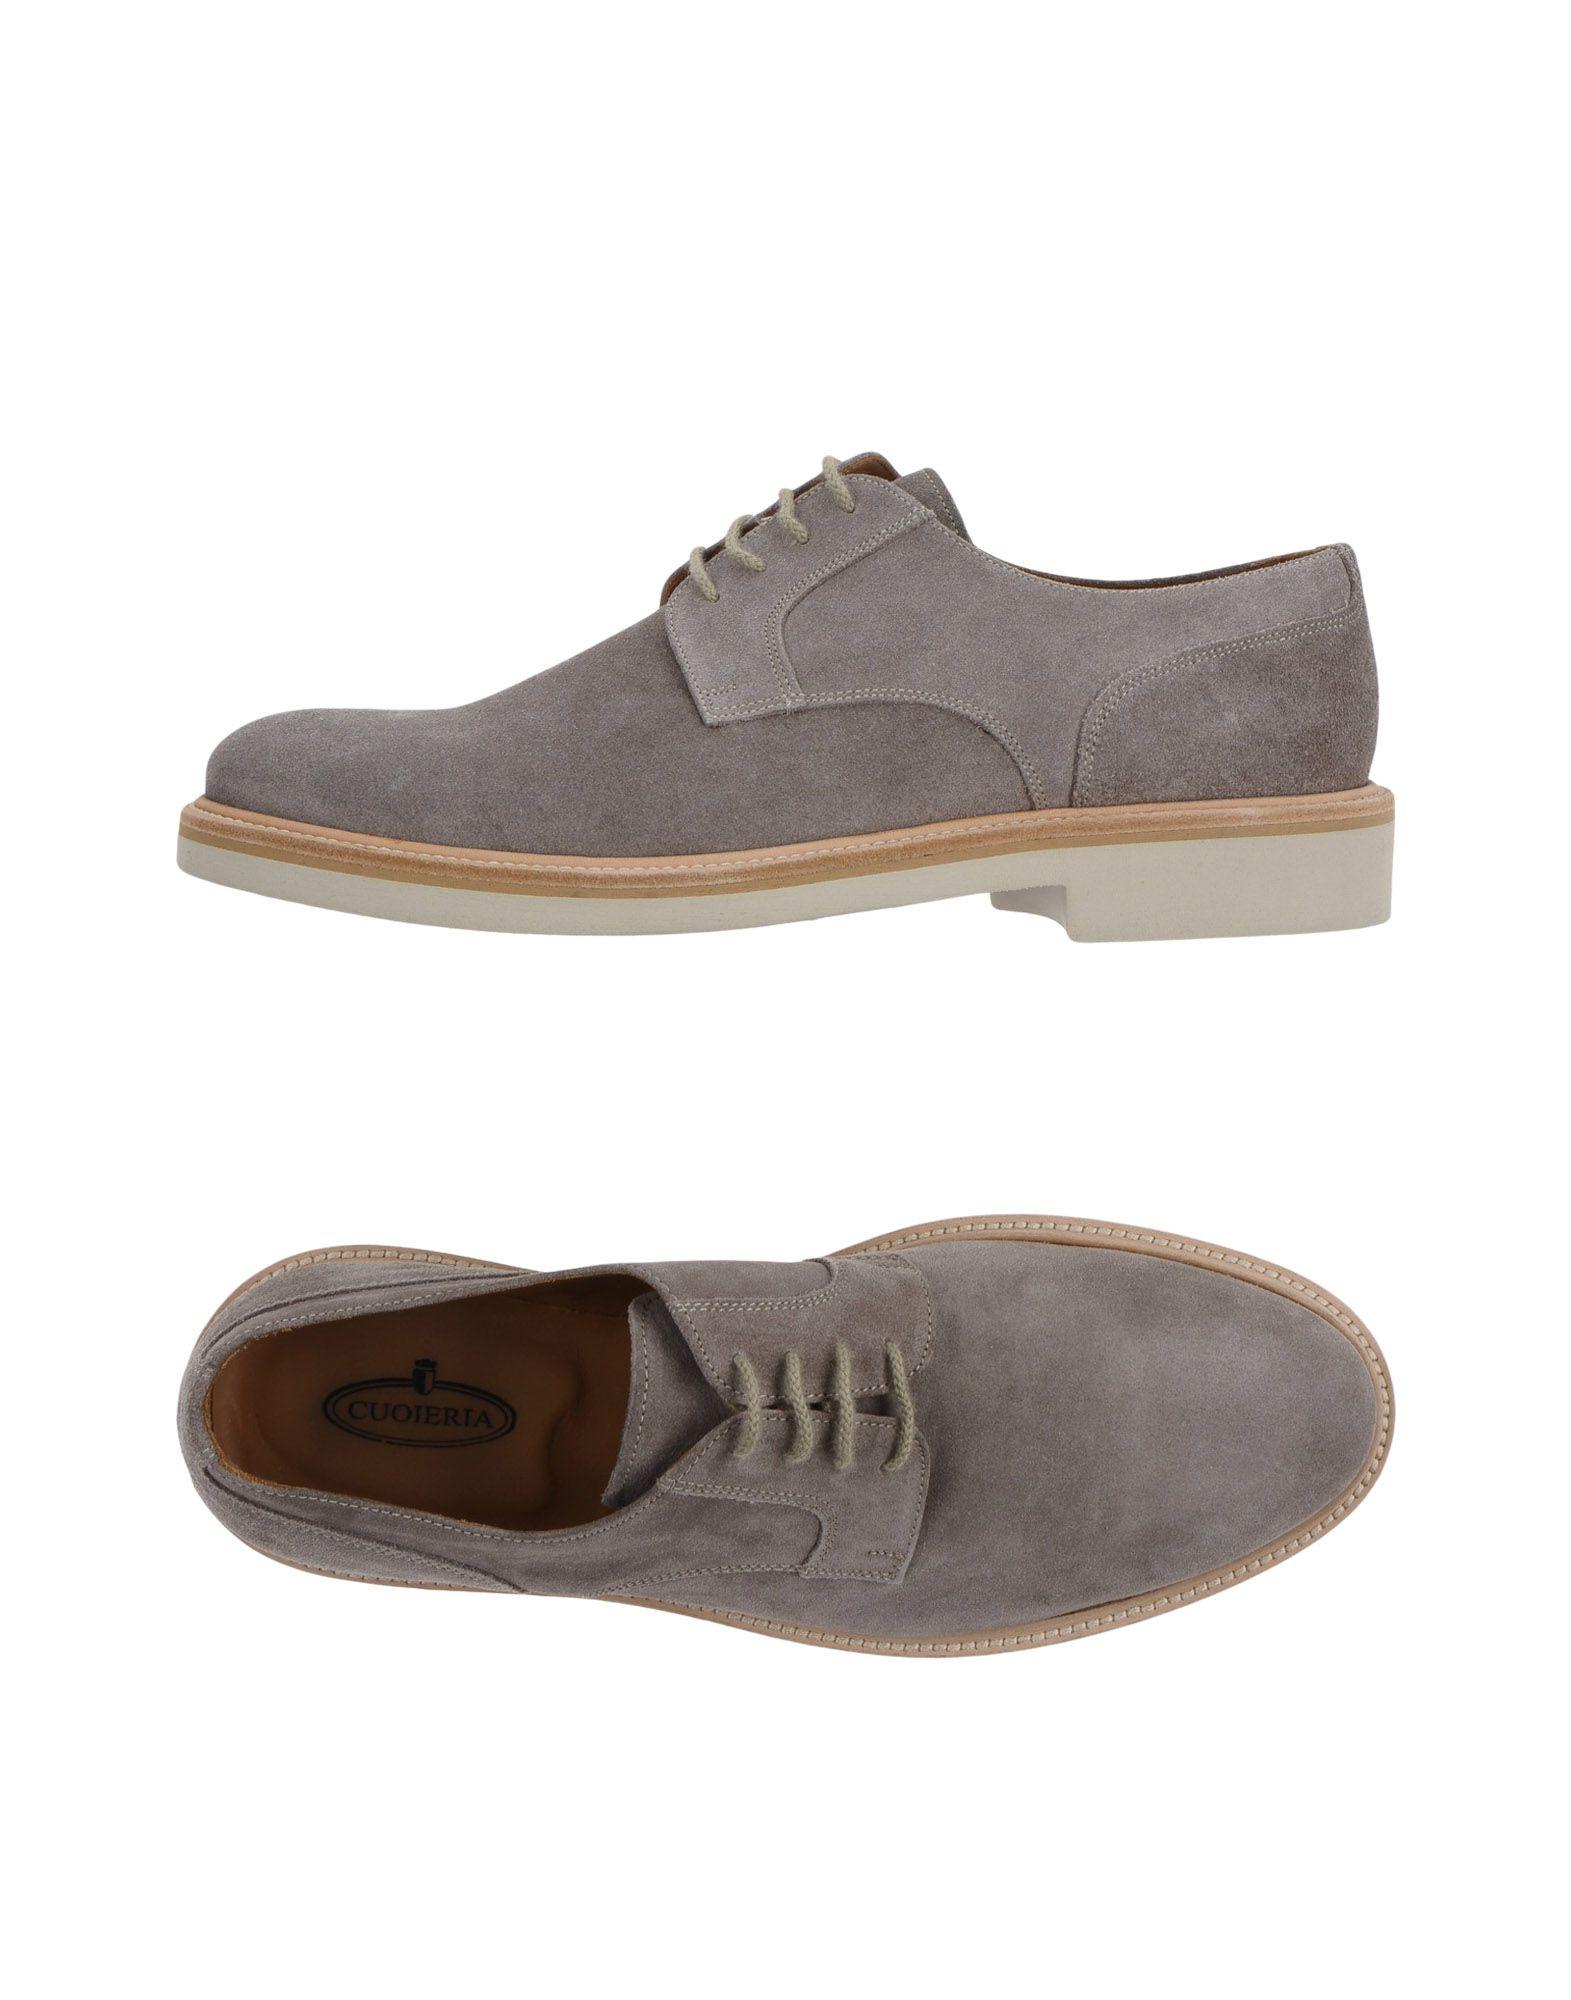 Haltbare Mode billige Schuhe Cuoieria Schnürschuhe Herren  11359736EN Heiße Schuhe